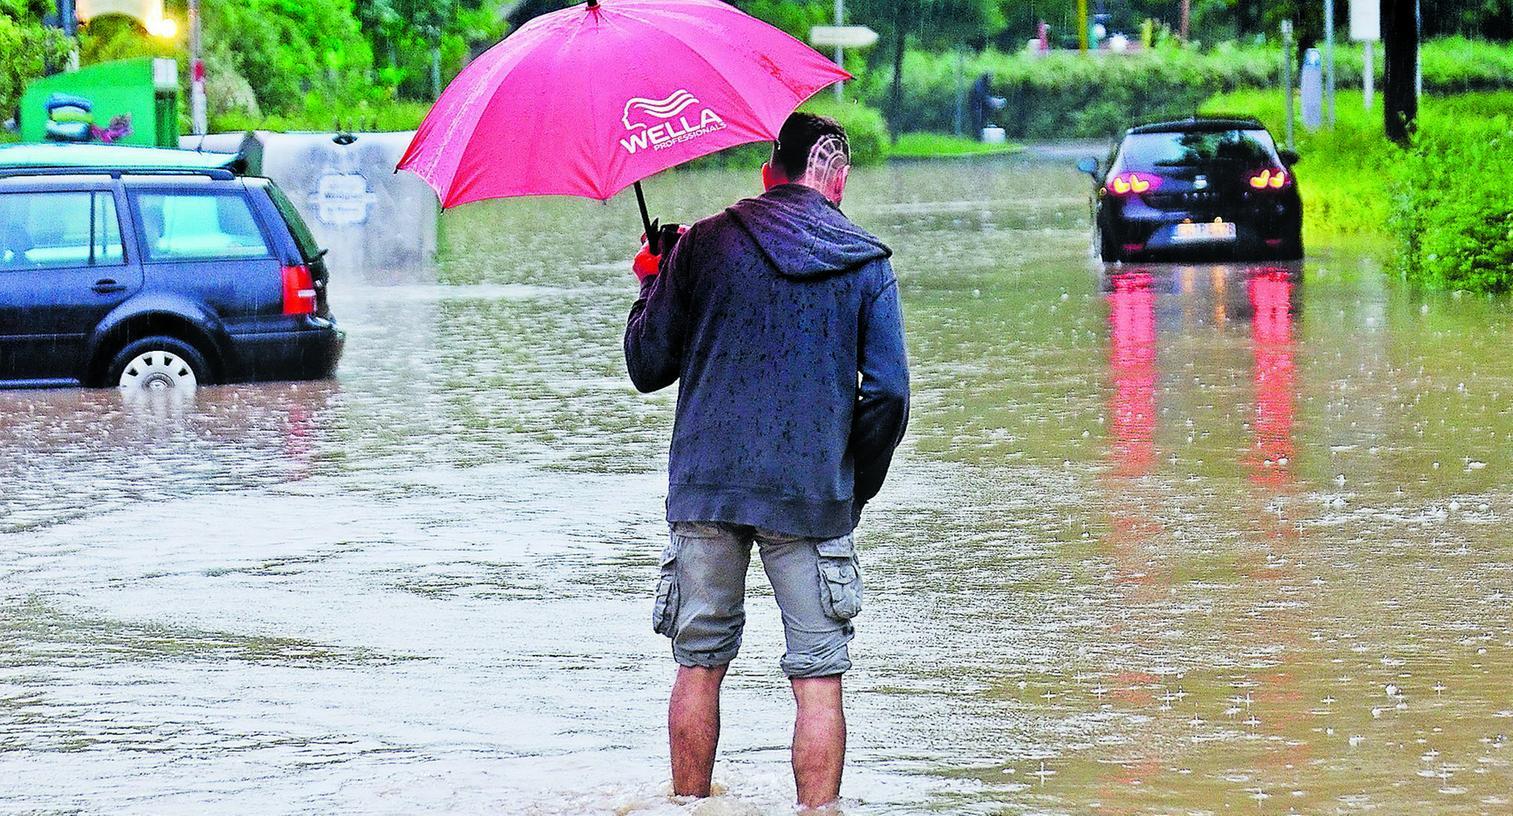 Am Abend kam das Aurach-Hochwasser nach Herzogenaurach. Fahrzeugbesitzer konnten ihre an der Schütt geparkten Fahrzeuge nur noch watend erreichen.